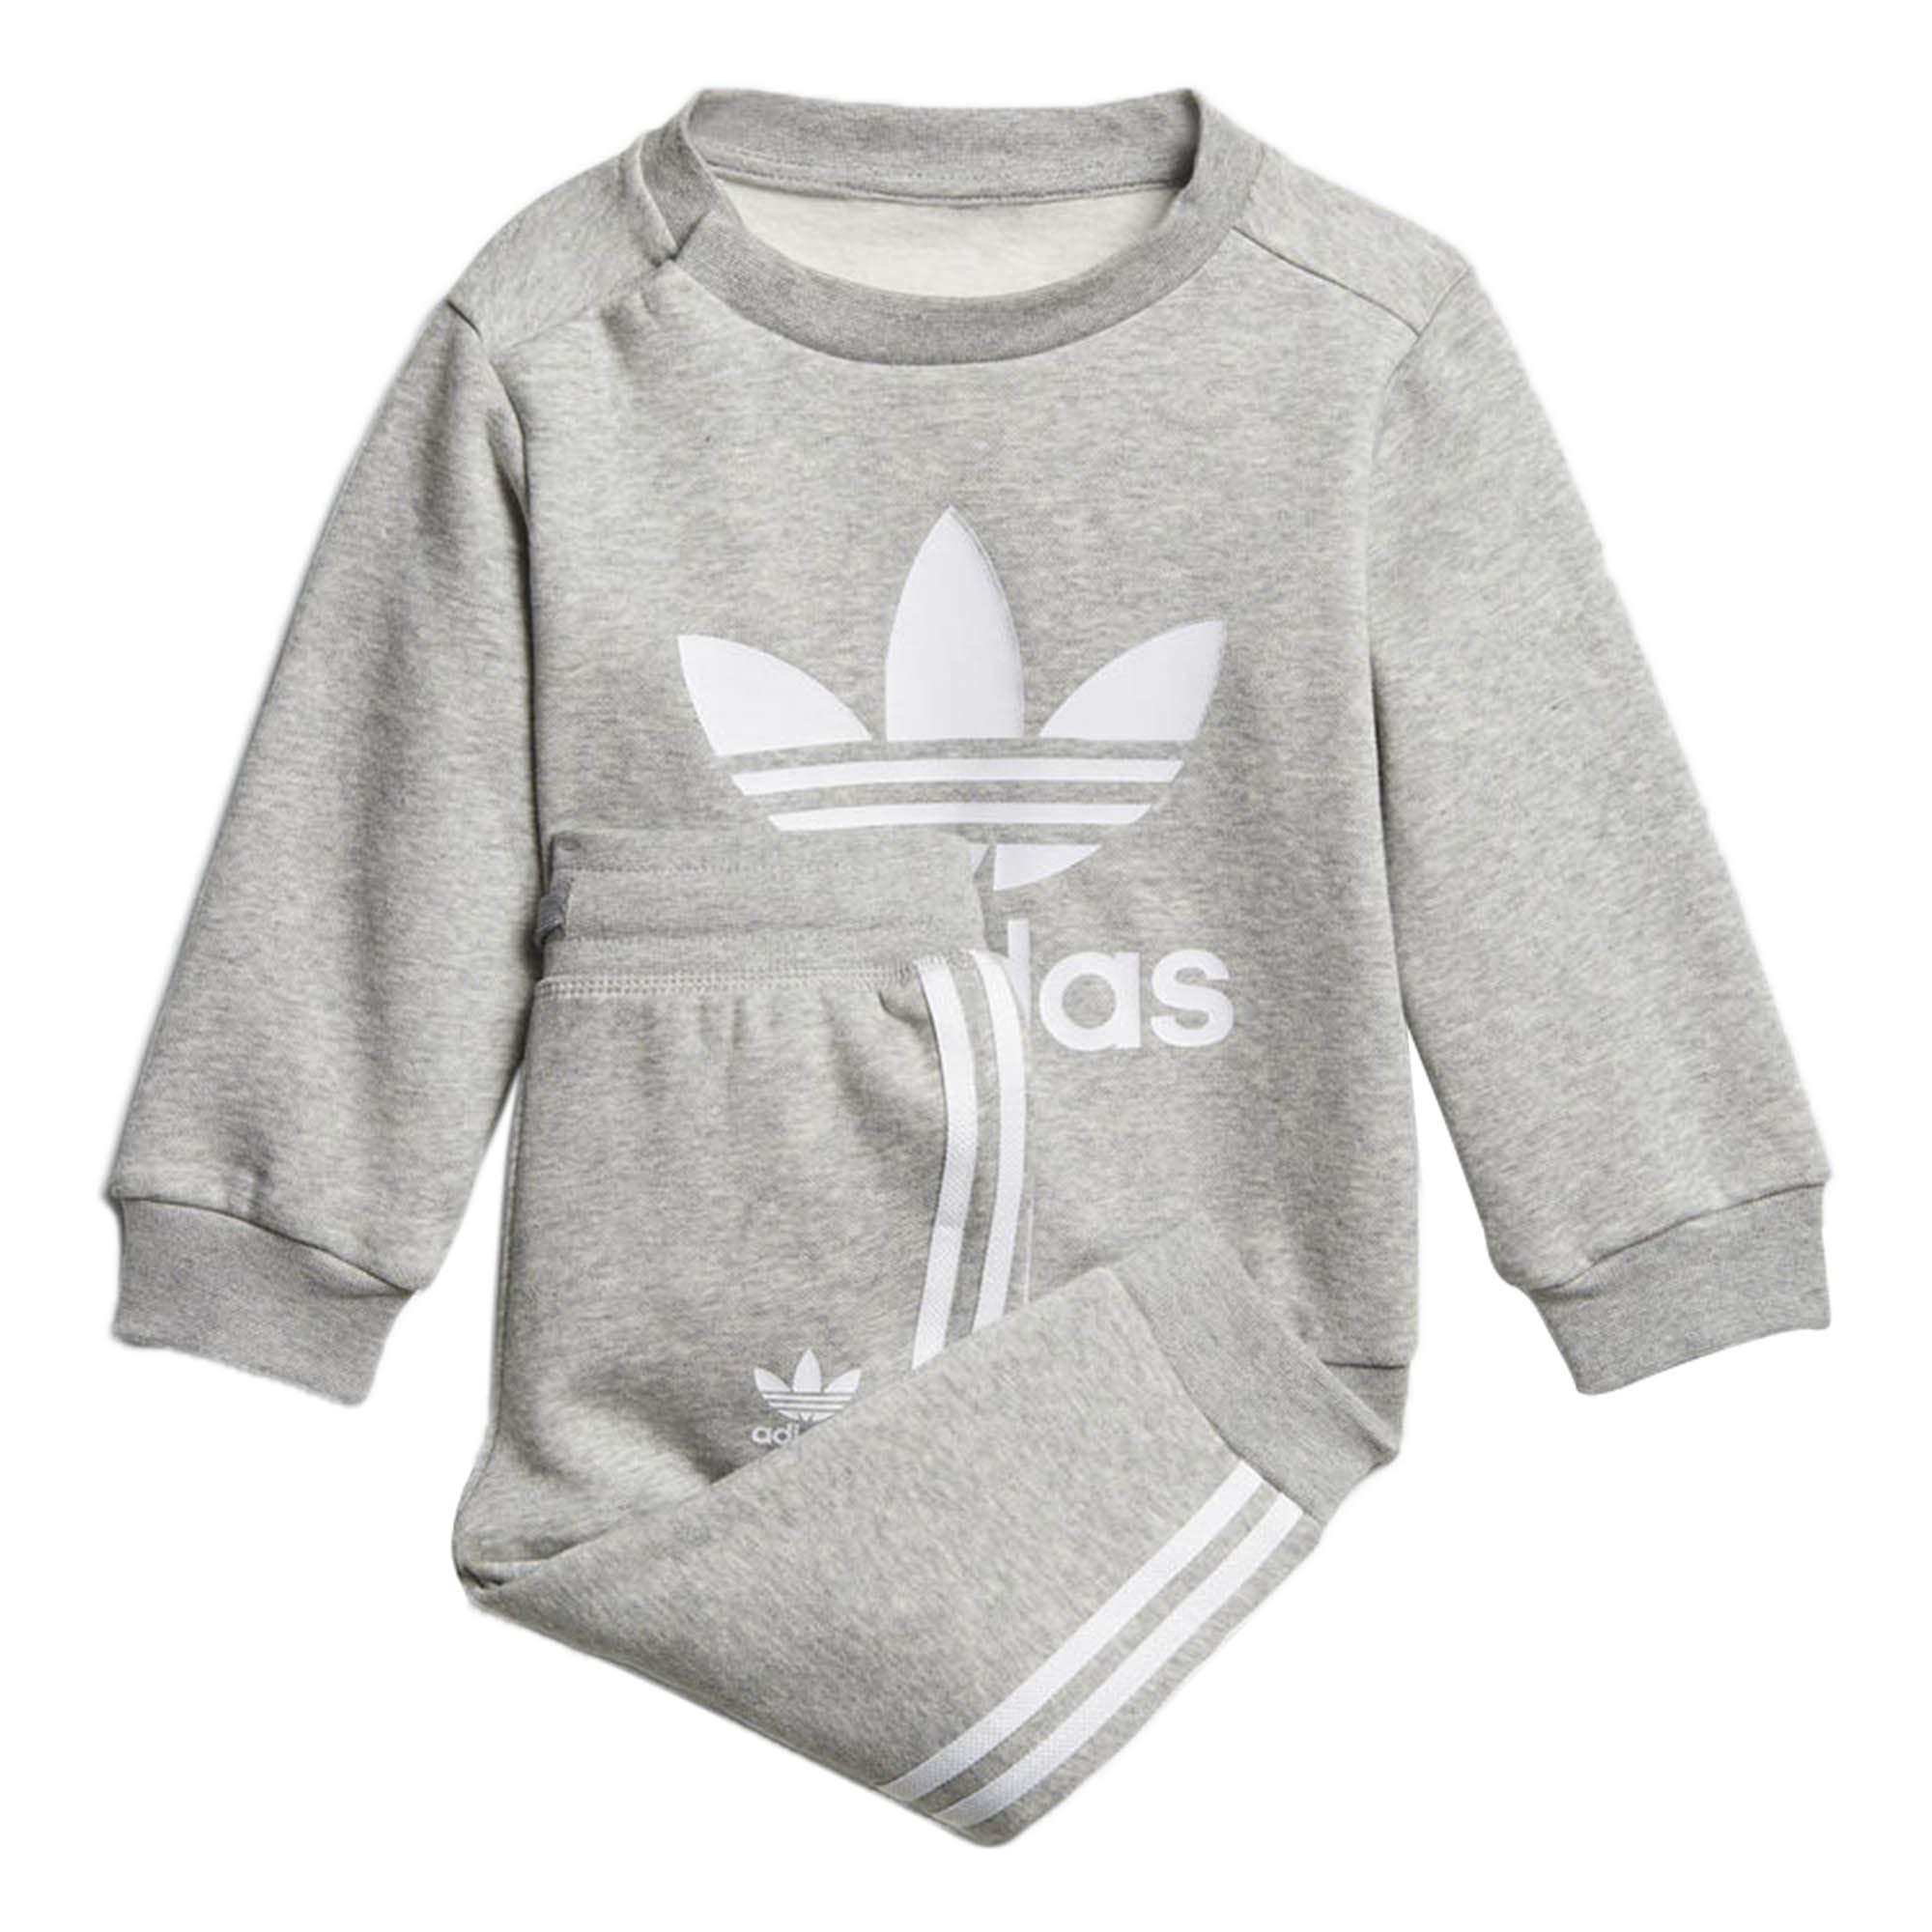 Adidas Kids Originals Trefoil Crew Track Suit (9M, Medium Grey Heather/White)